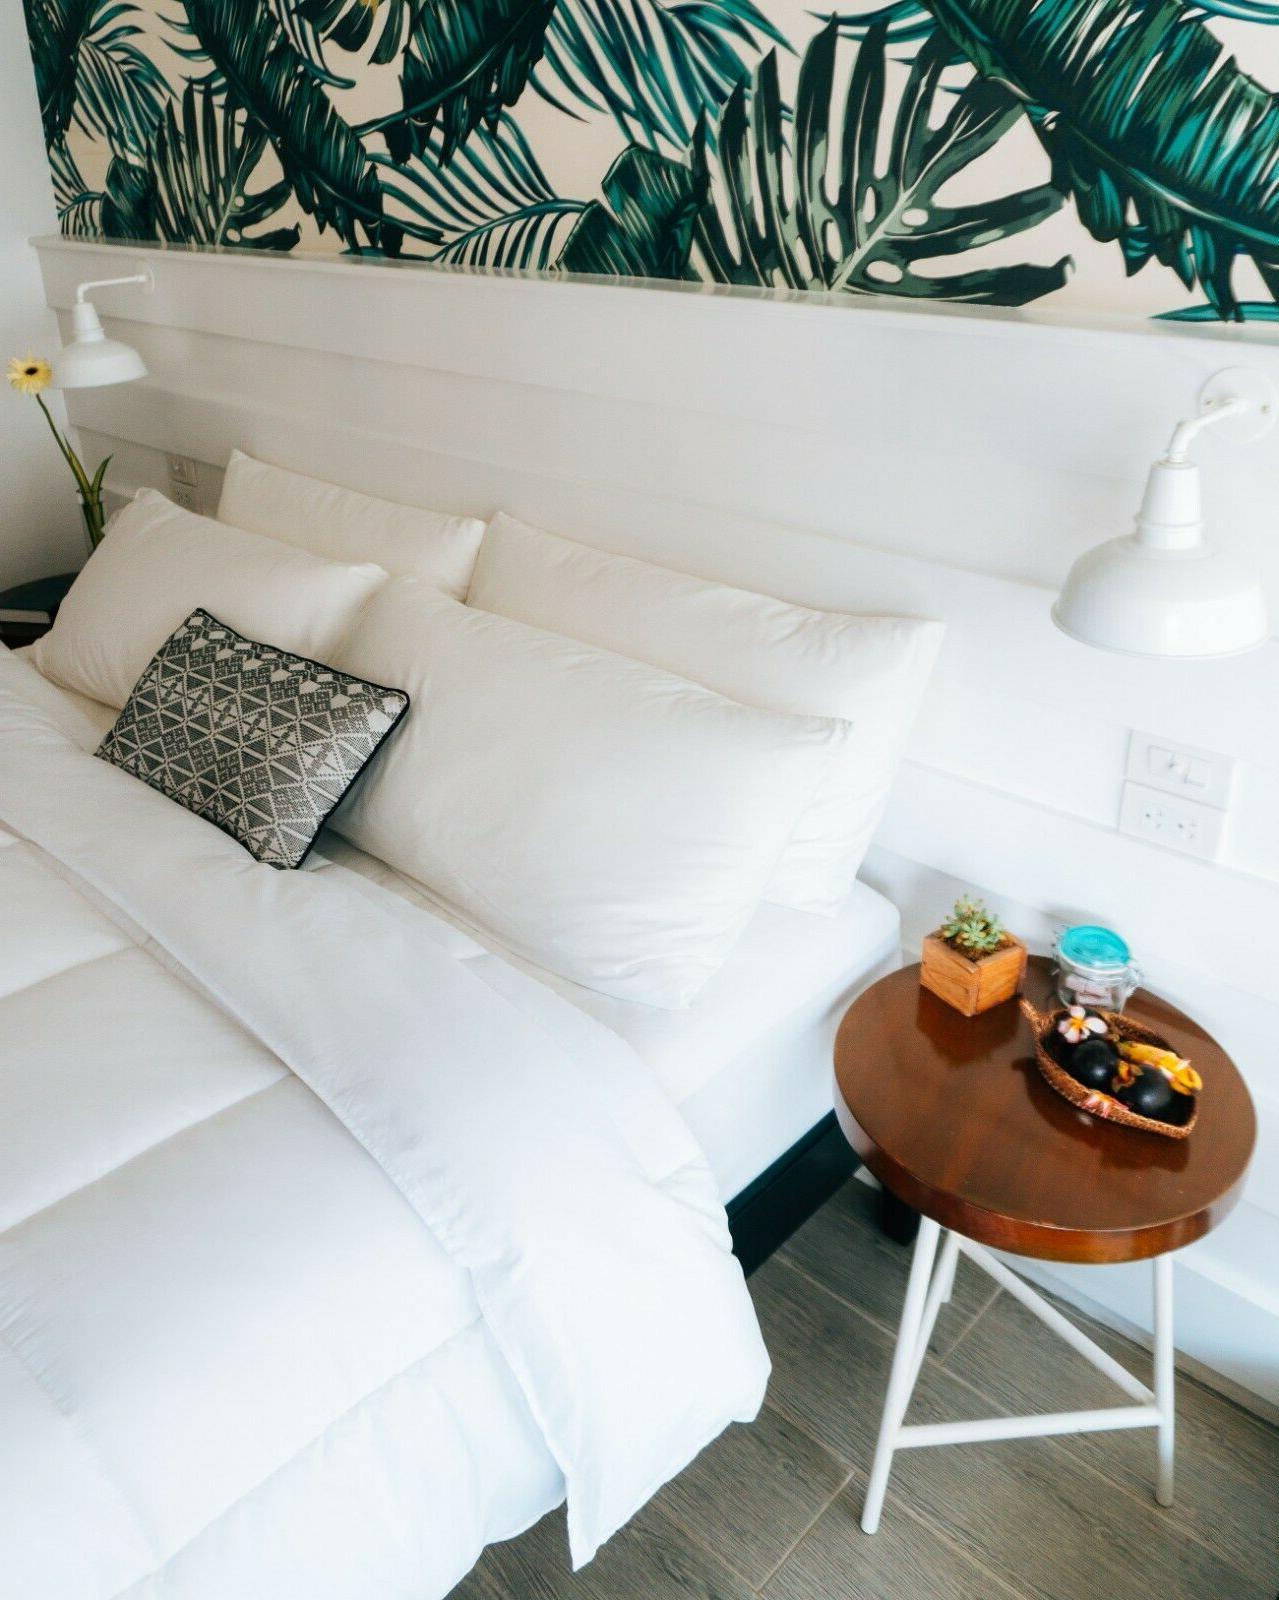 Kömforte Dual Couples Comforter– Season Duvet Insert for Her